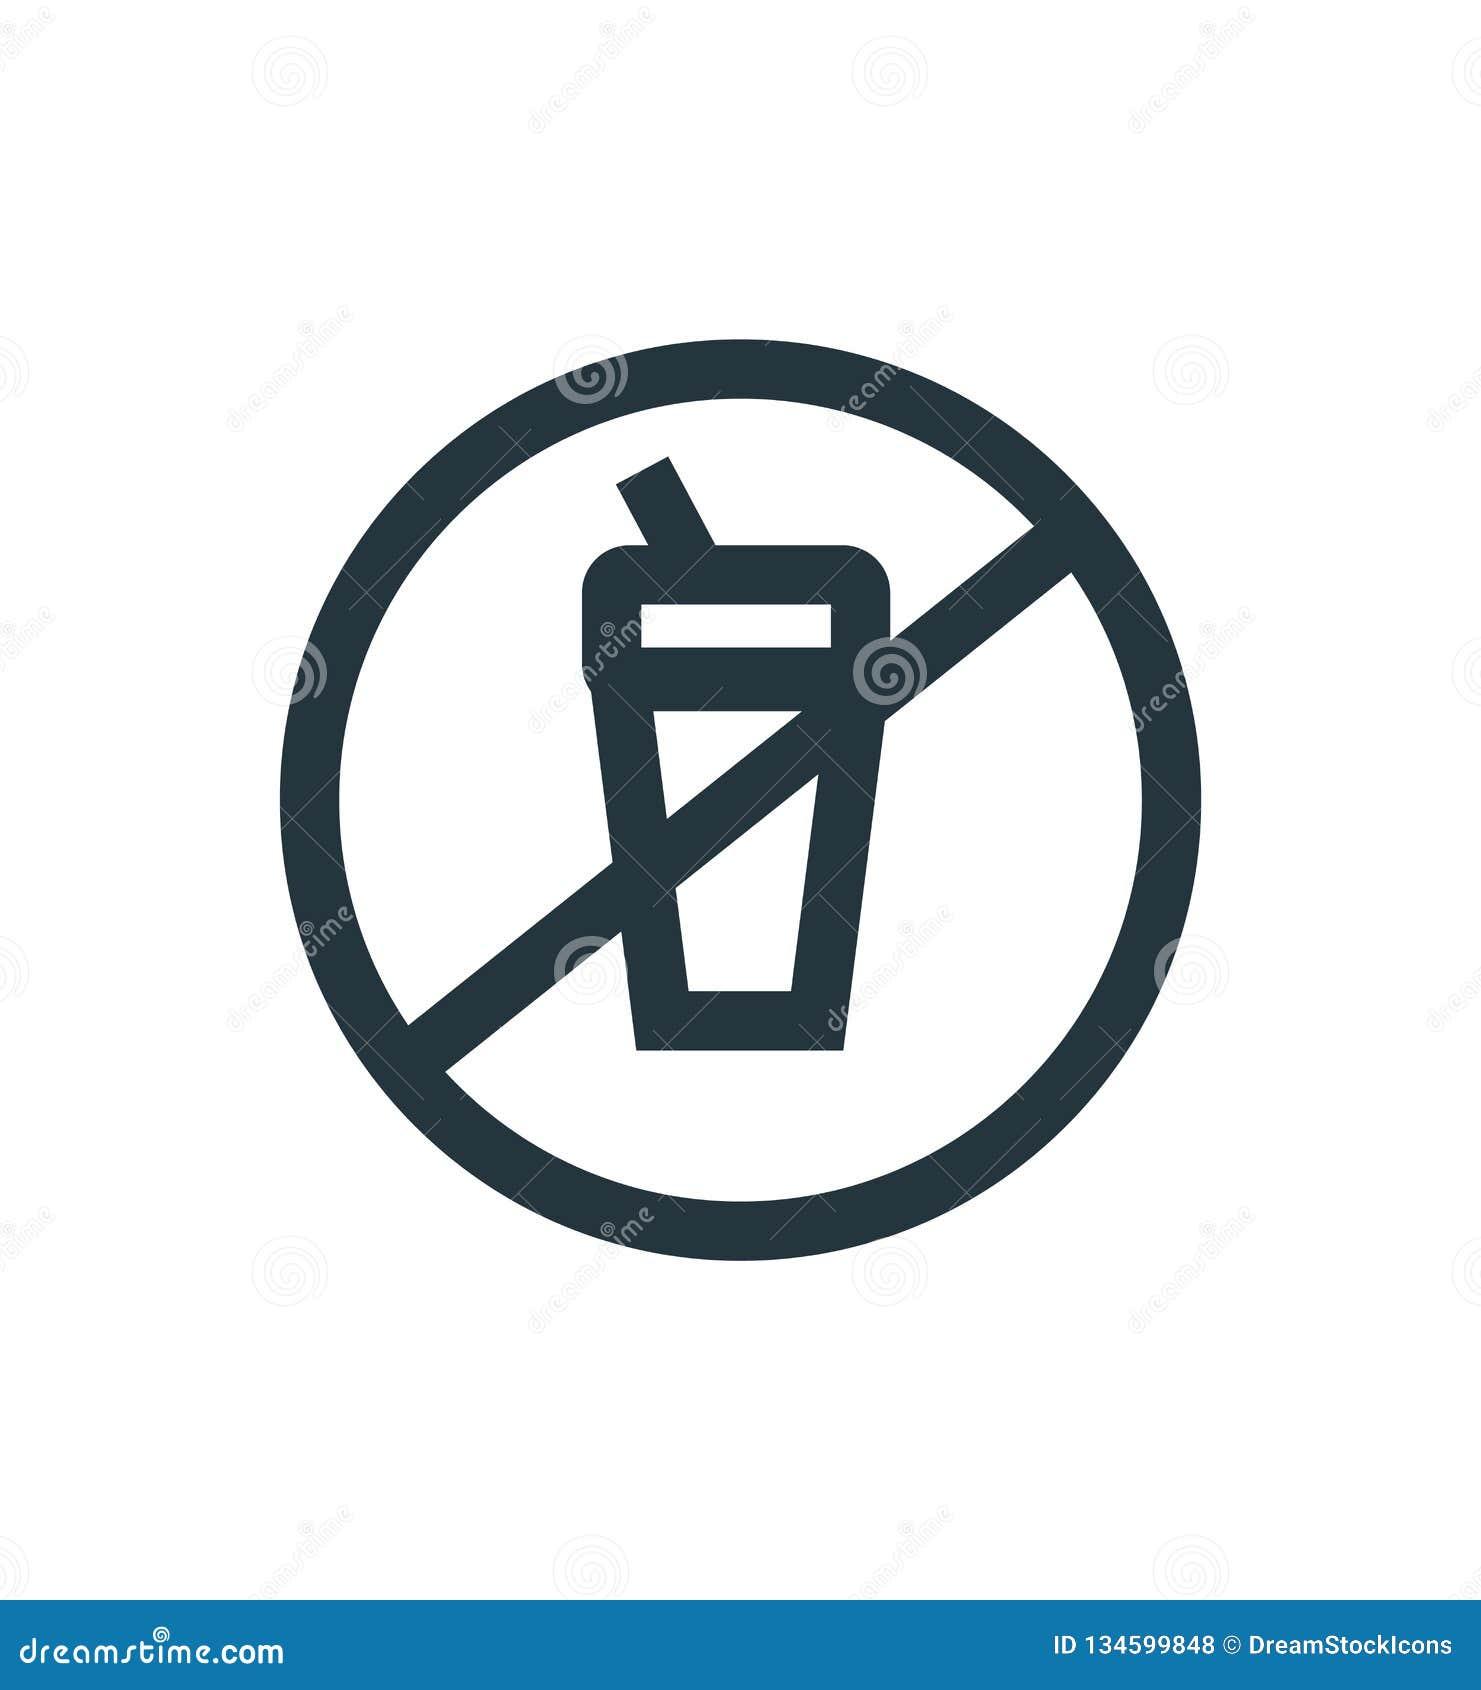 Sinal e símbolo do vetor do ícone da proibição isolados no fundo branco, conceito do logotipo da proibição